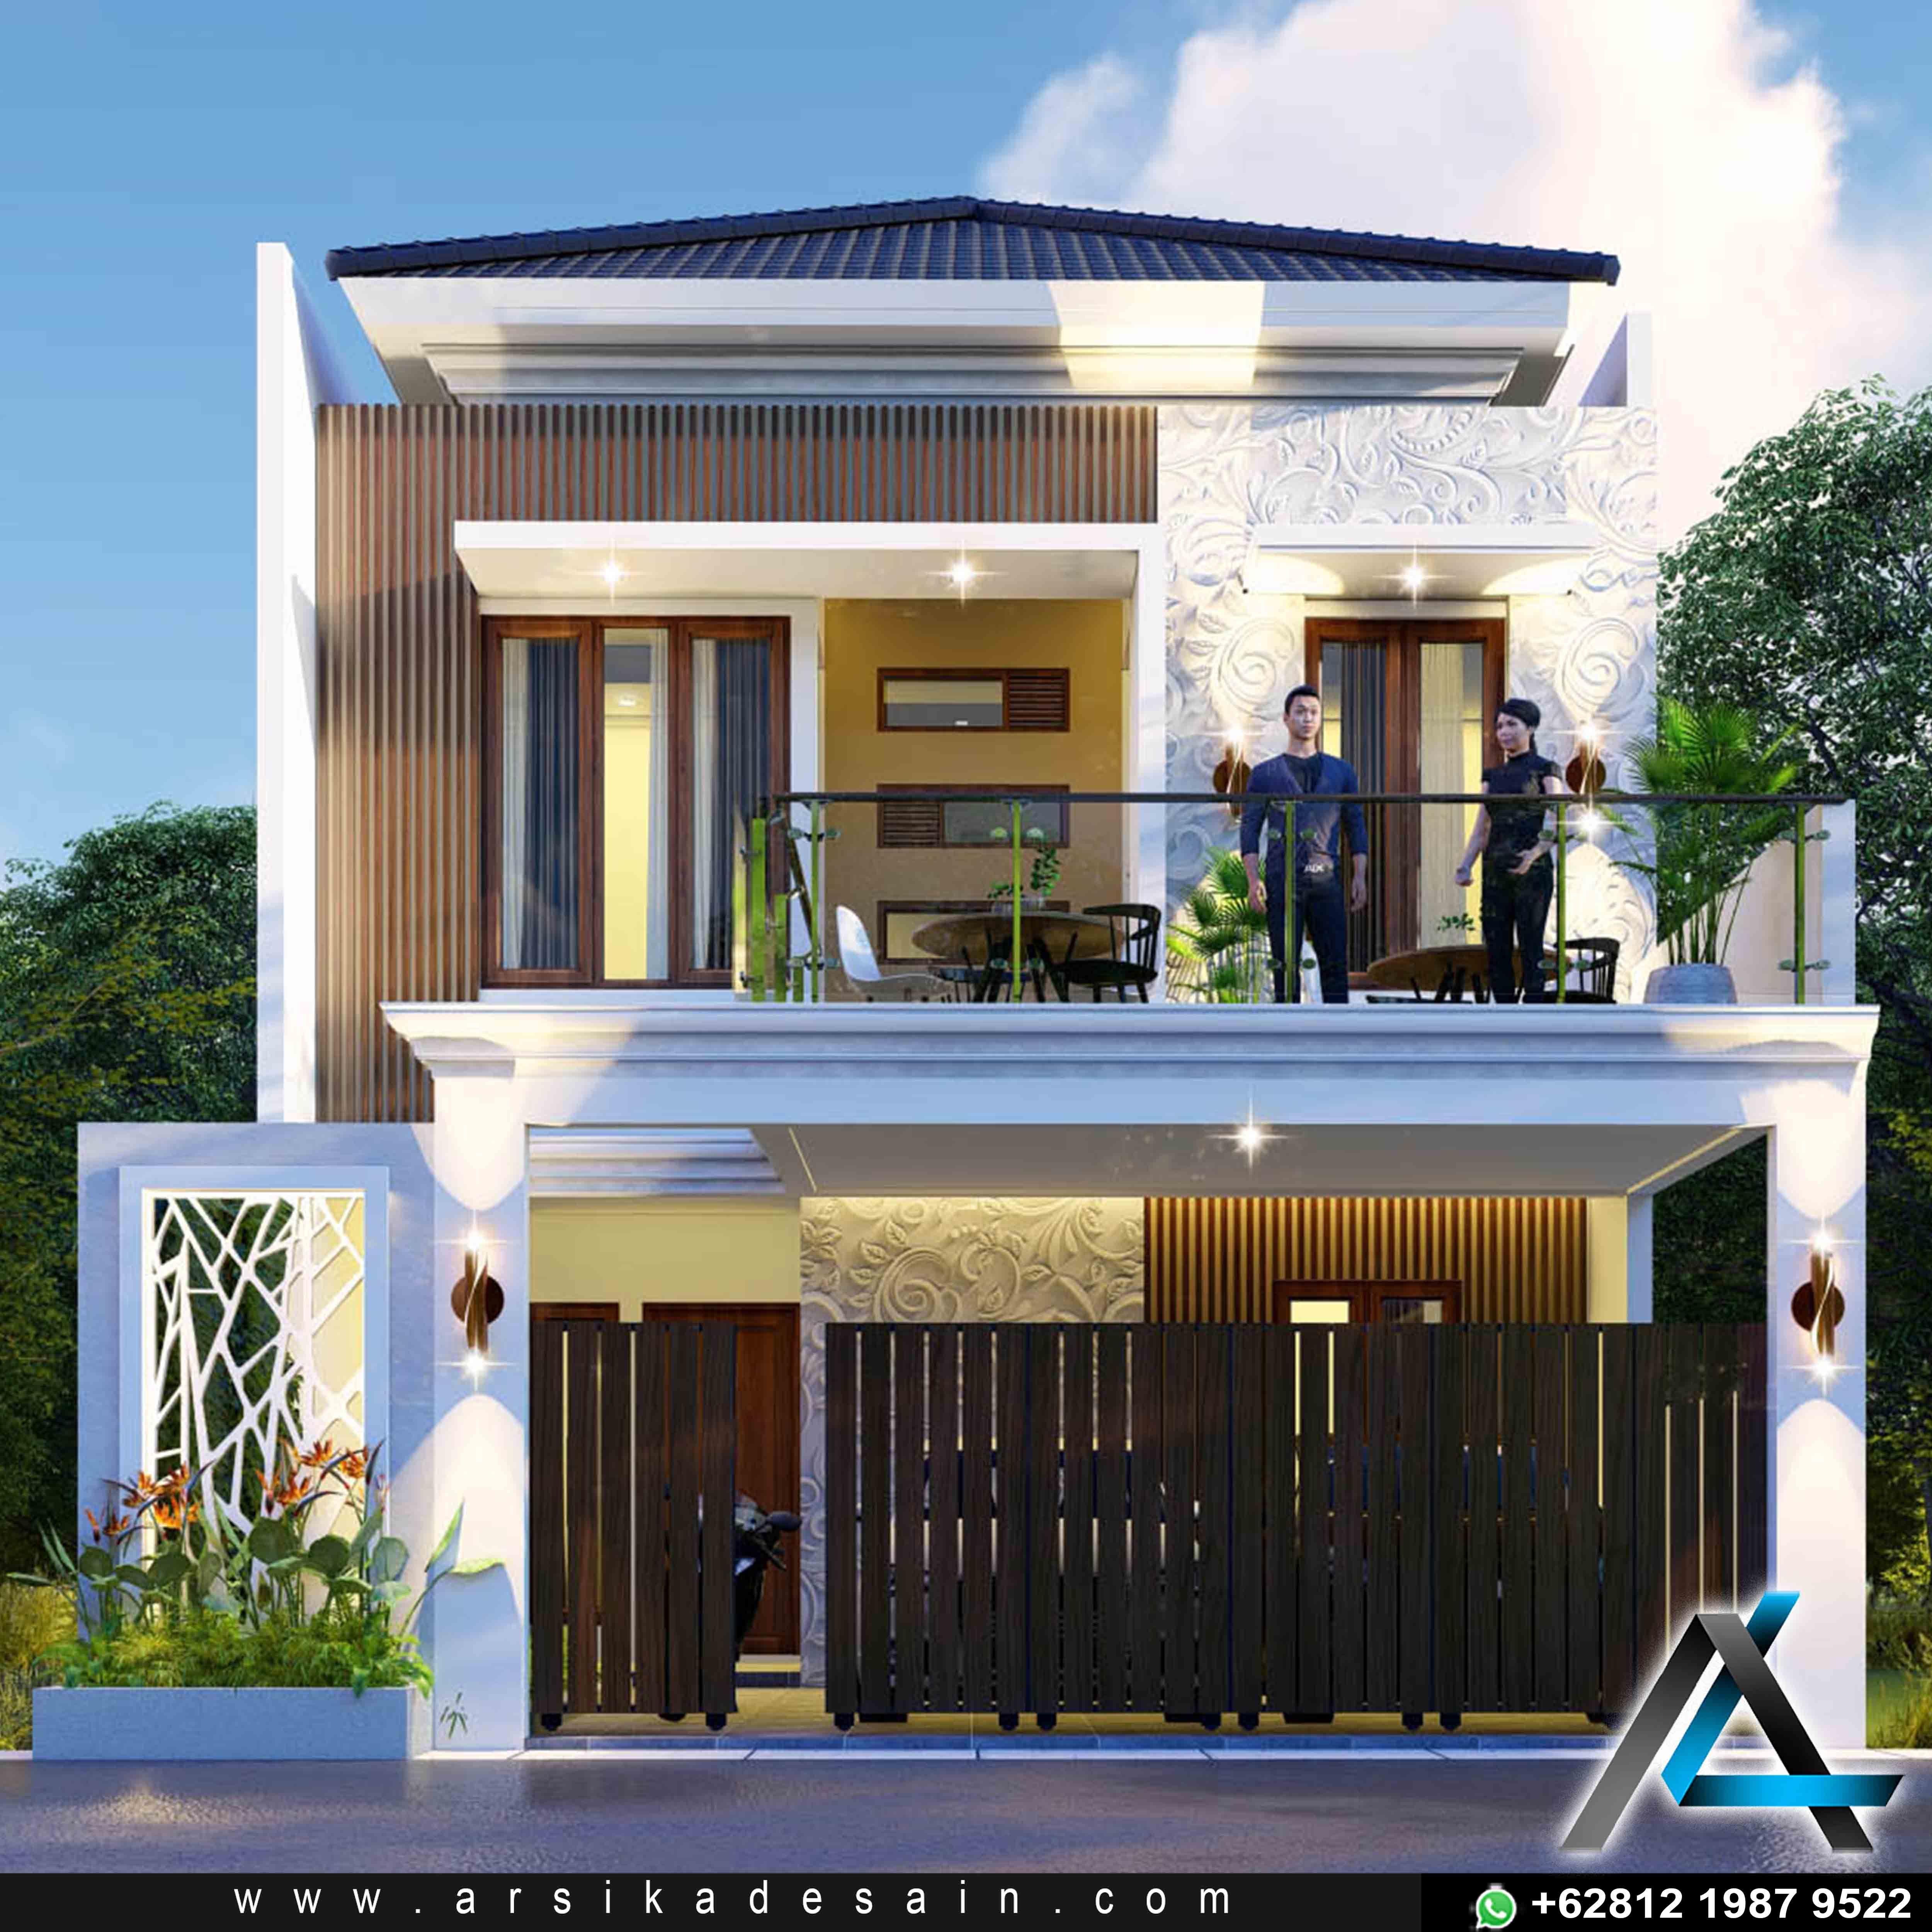 Dedsain Rumah Tropis Modern Di 2021 Rumah Tropis Arsitektur Rumah Arsitektur